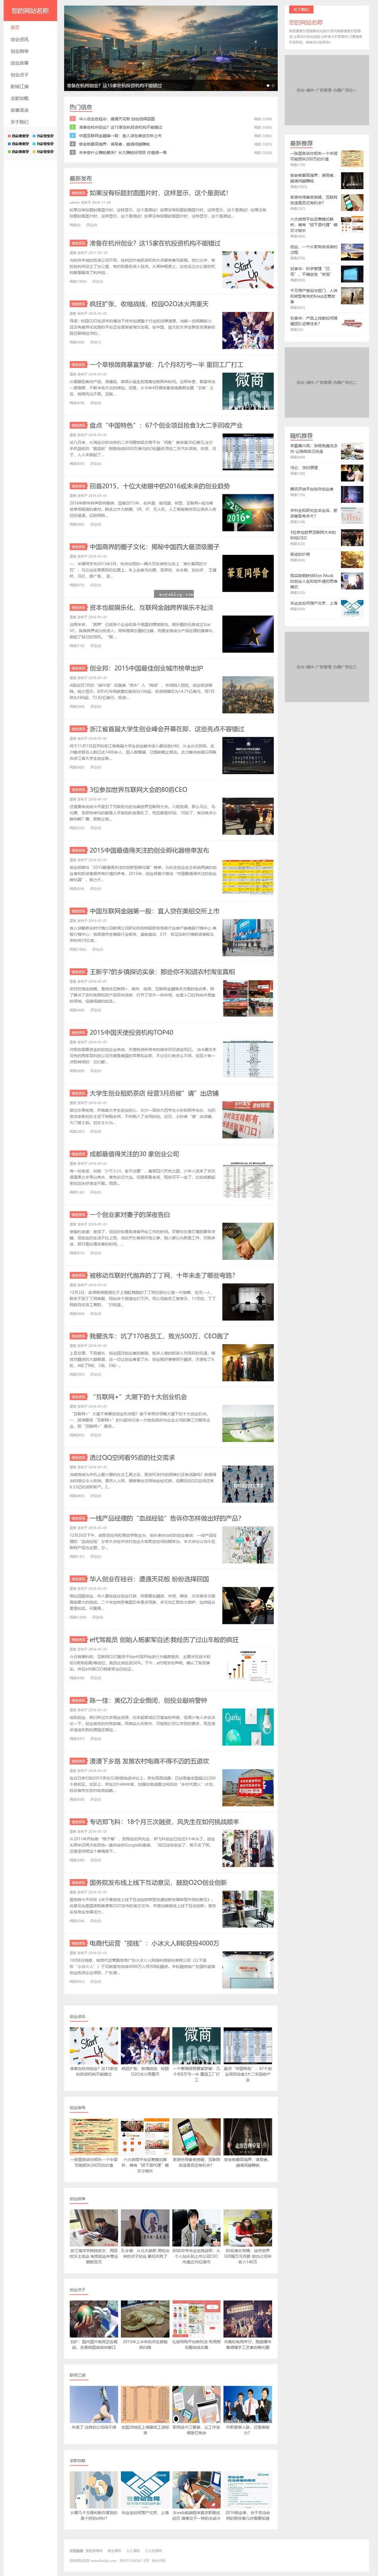 帝国CMS新闻资讯SEO站群整站网站源码模板HTML5自适应响应式手机